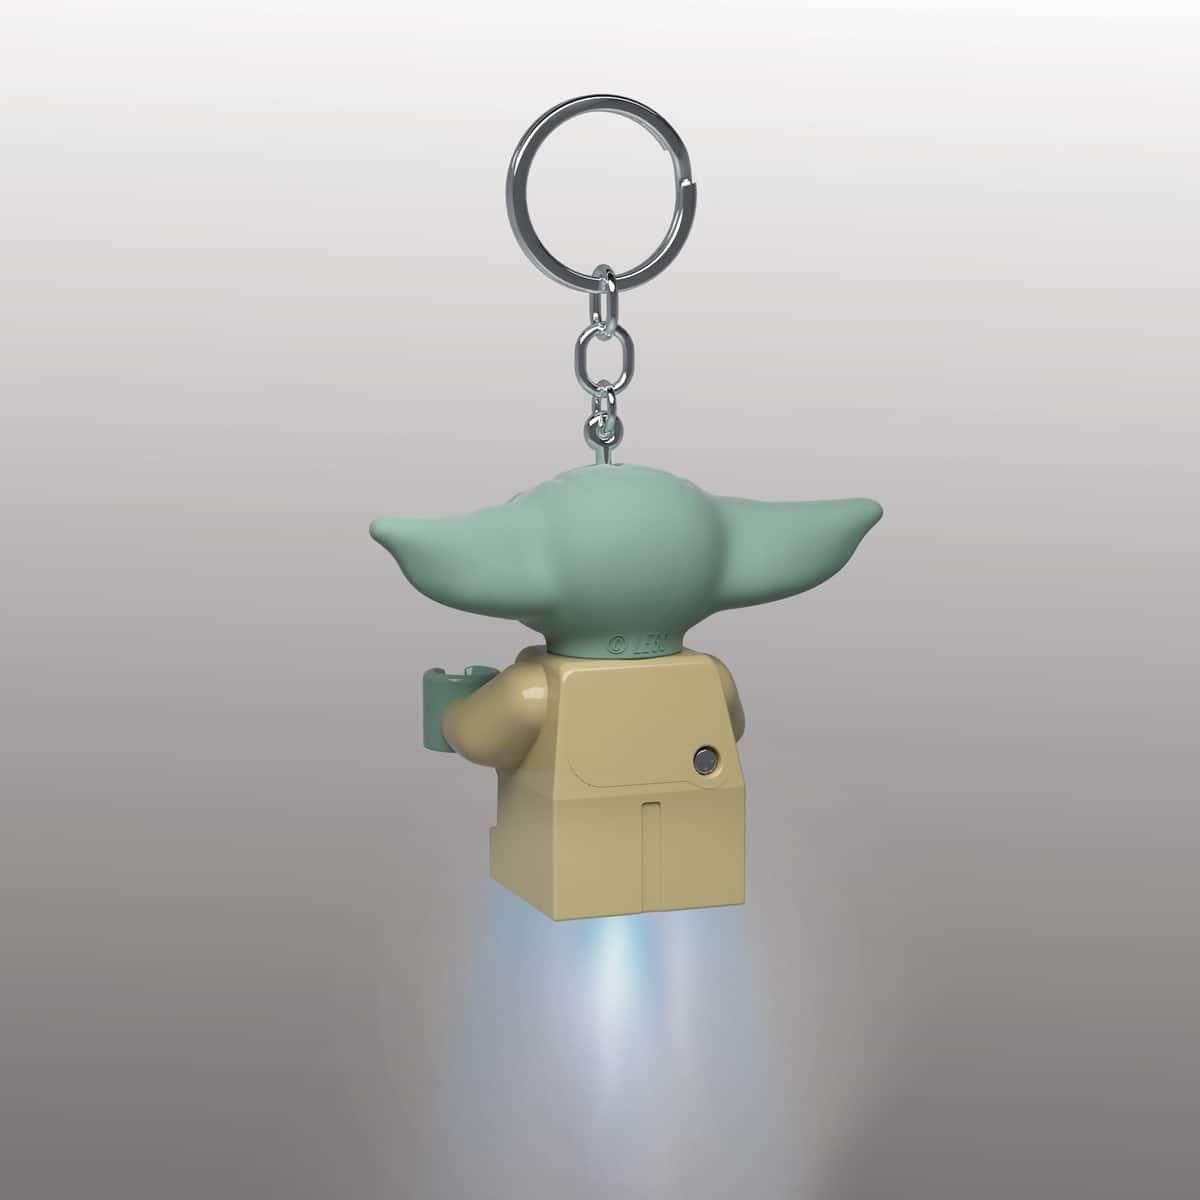 lego 5006860 grogu key light